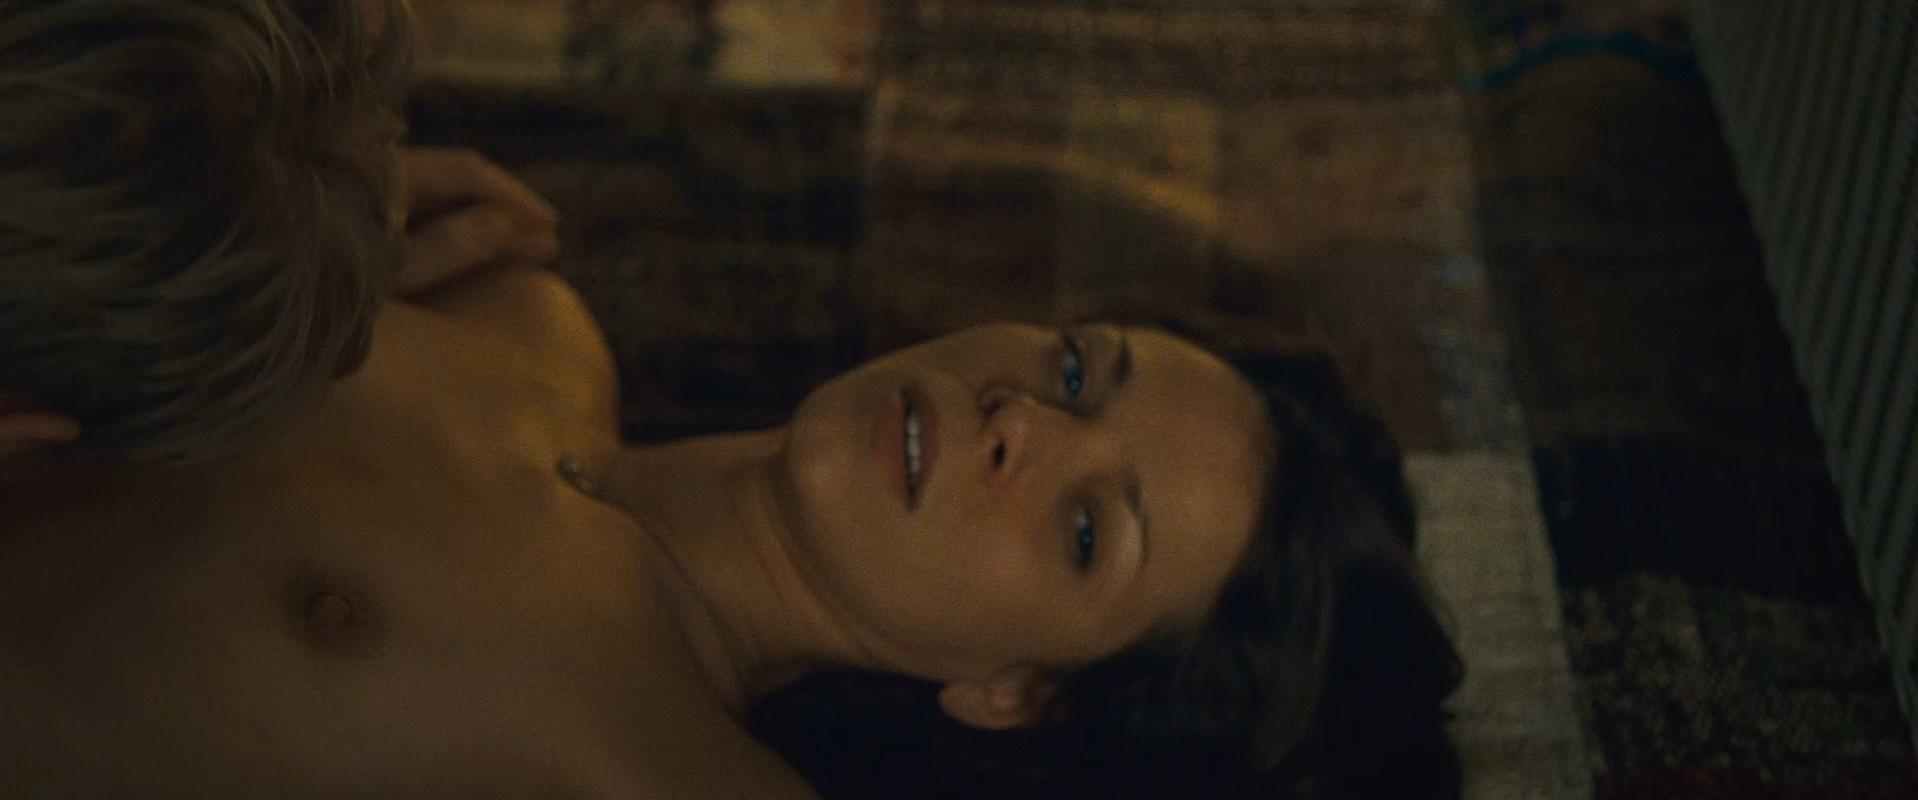 Jessica Schwarz nude - Adieu Paris (2013)